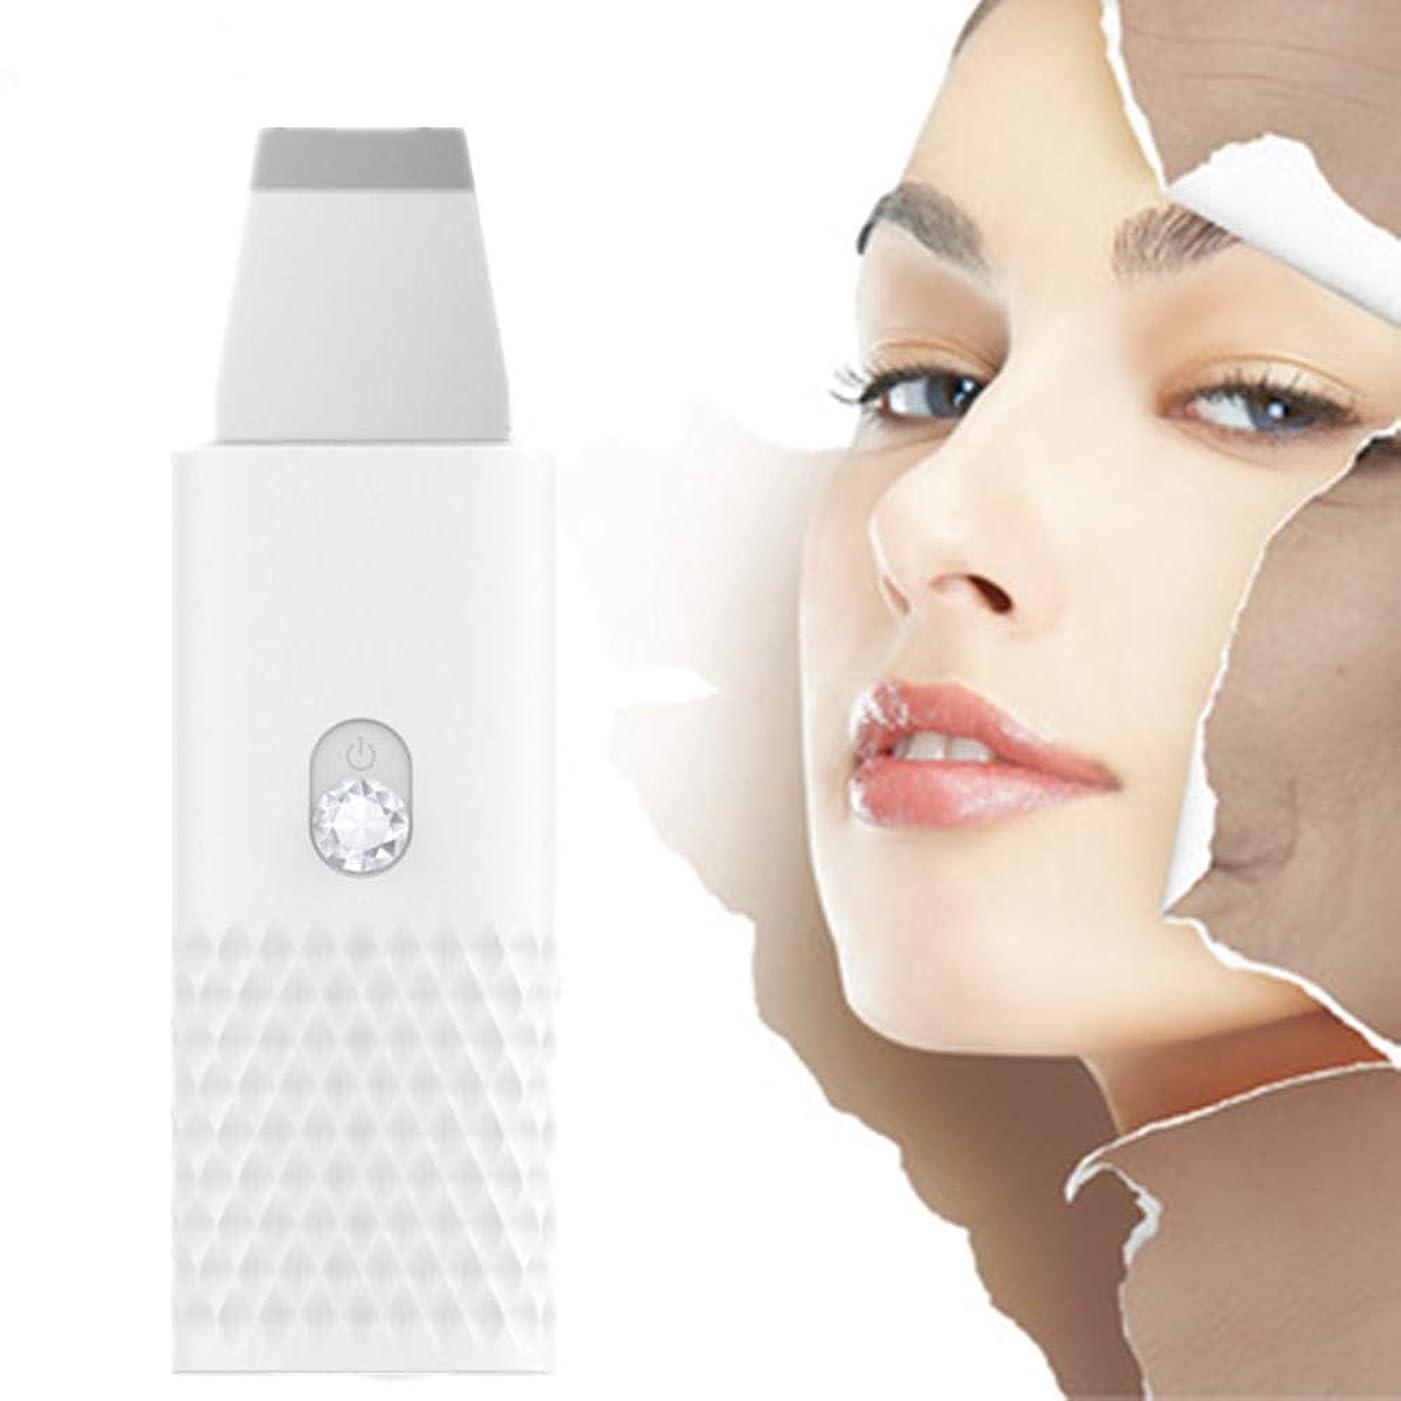 実際に保存ベイビーツールクレンザー古い角質除去ホワイトピーリング顔の皮膚のスクラバーブラックヘッドリムーバー毛穴クリーナー電気EMS導入モードUSB充電女性のスキンマッサージスクラバー?フェイシャルリフティング